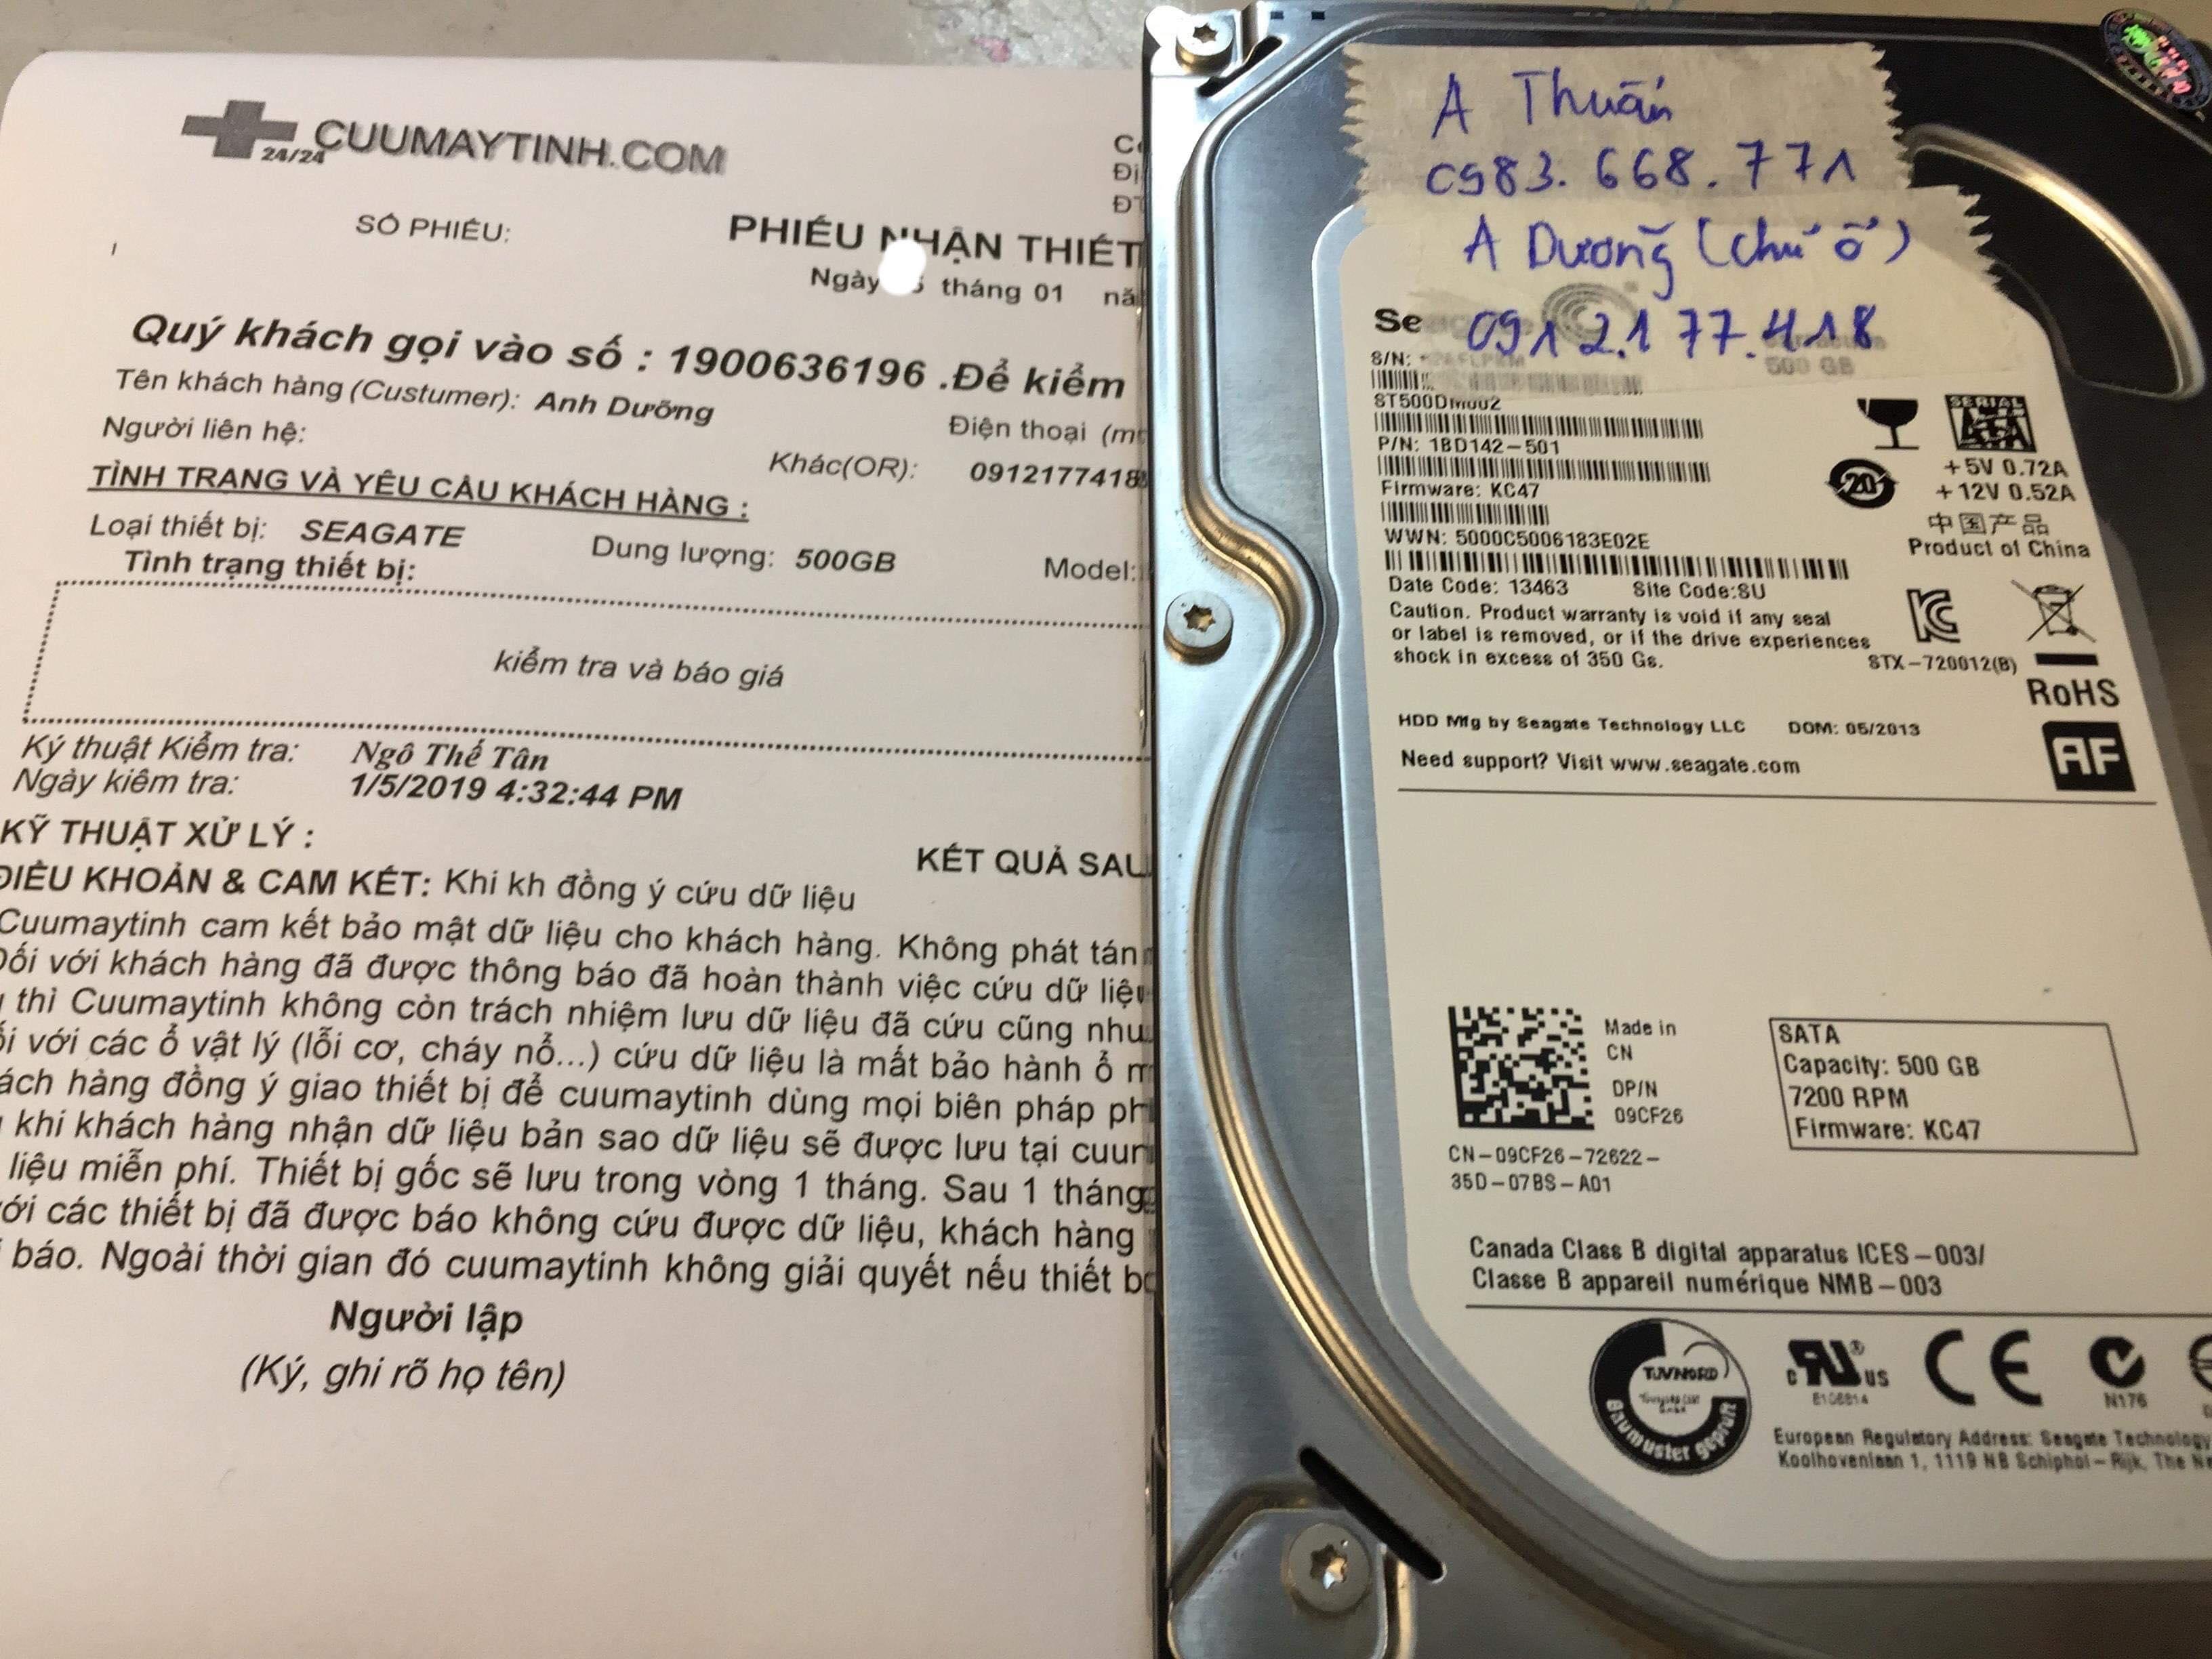 Lấy dữ liệu ổ cứng Seagate 500GB lỗi đầu đọc  22/01/2019 - cuumaytinh